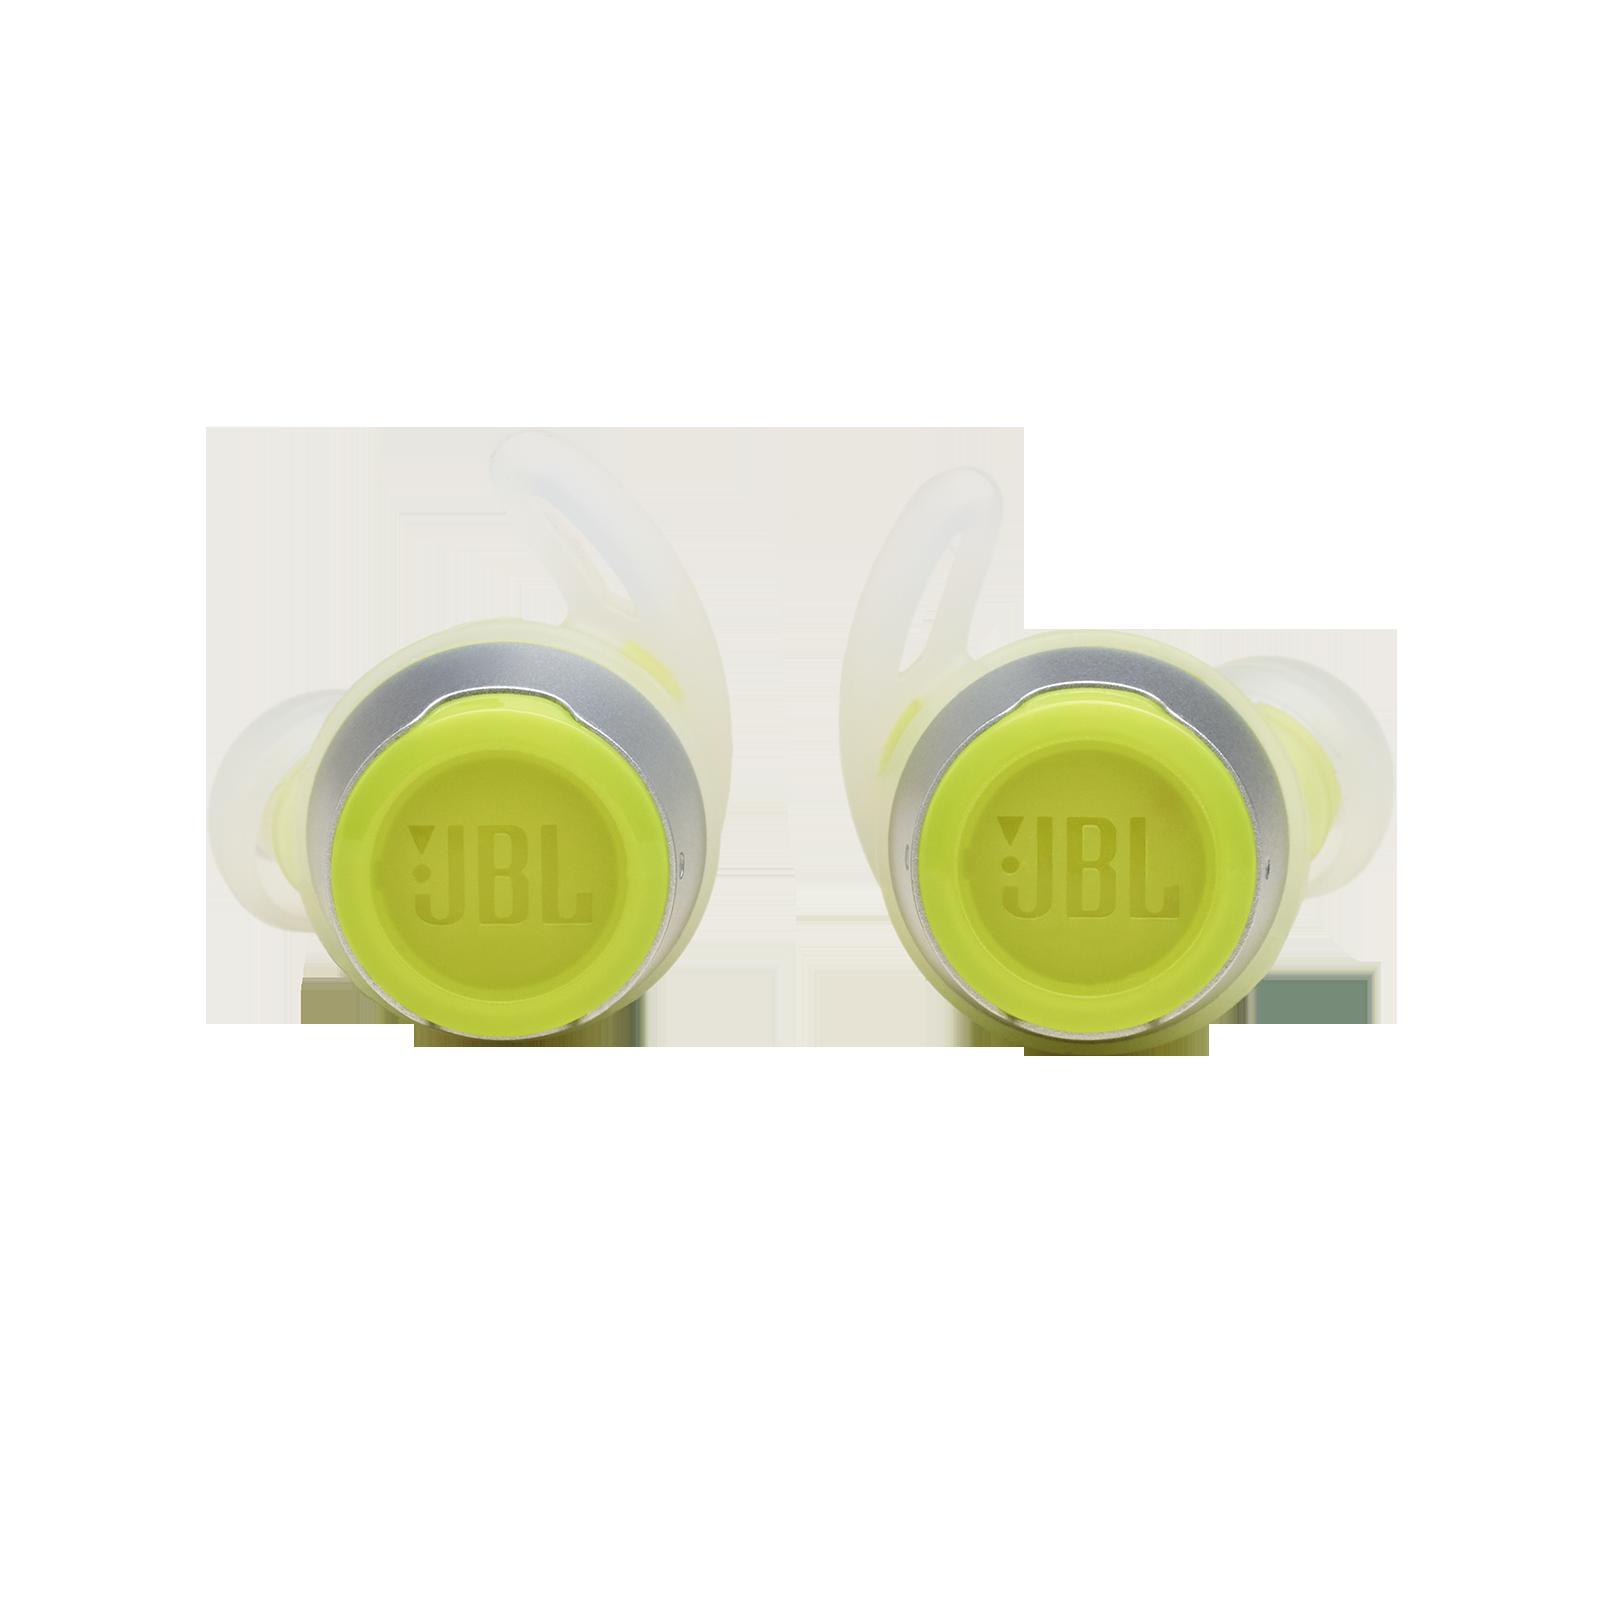 JBL REFLECT FLOW - Green - True wireless sport headphones. - Front